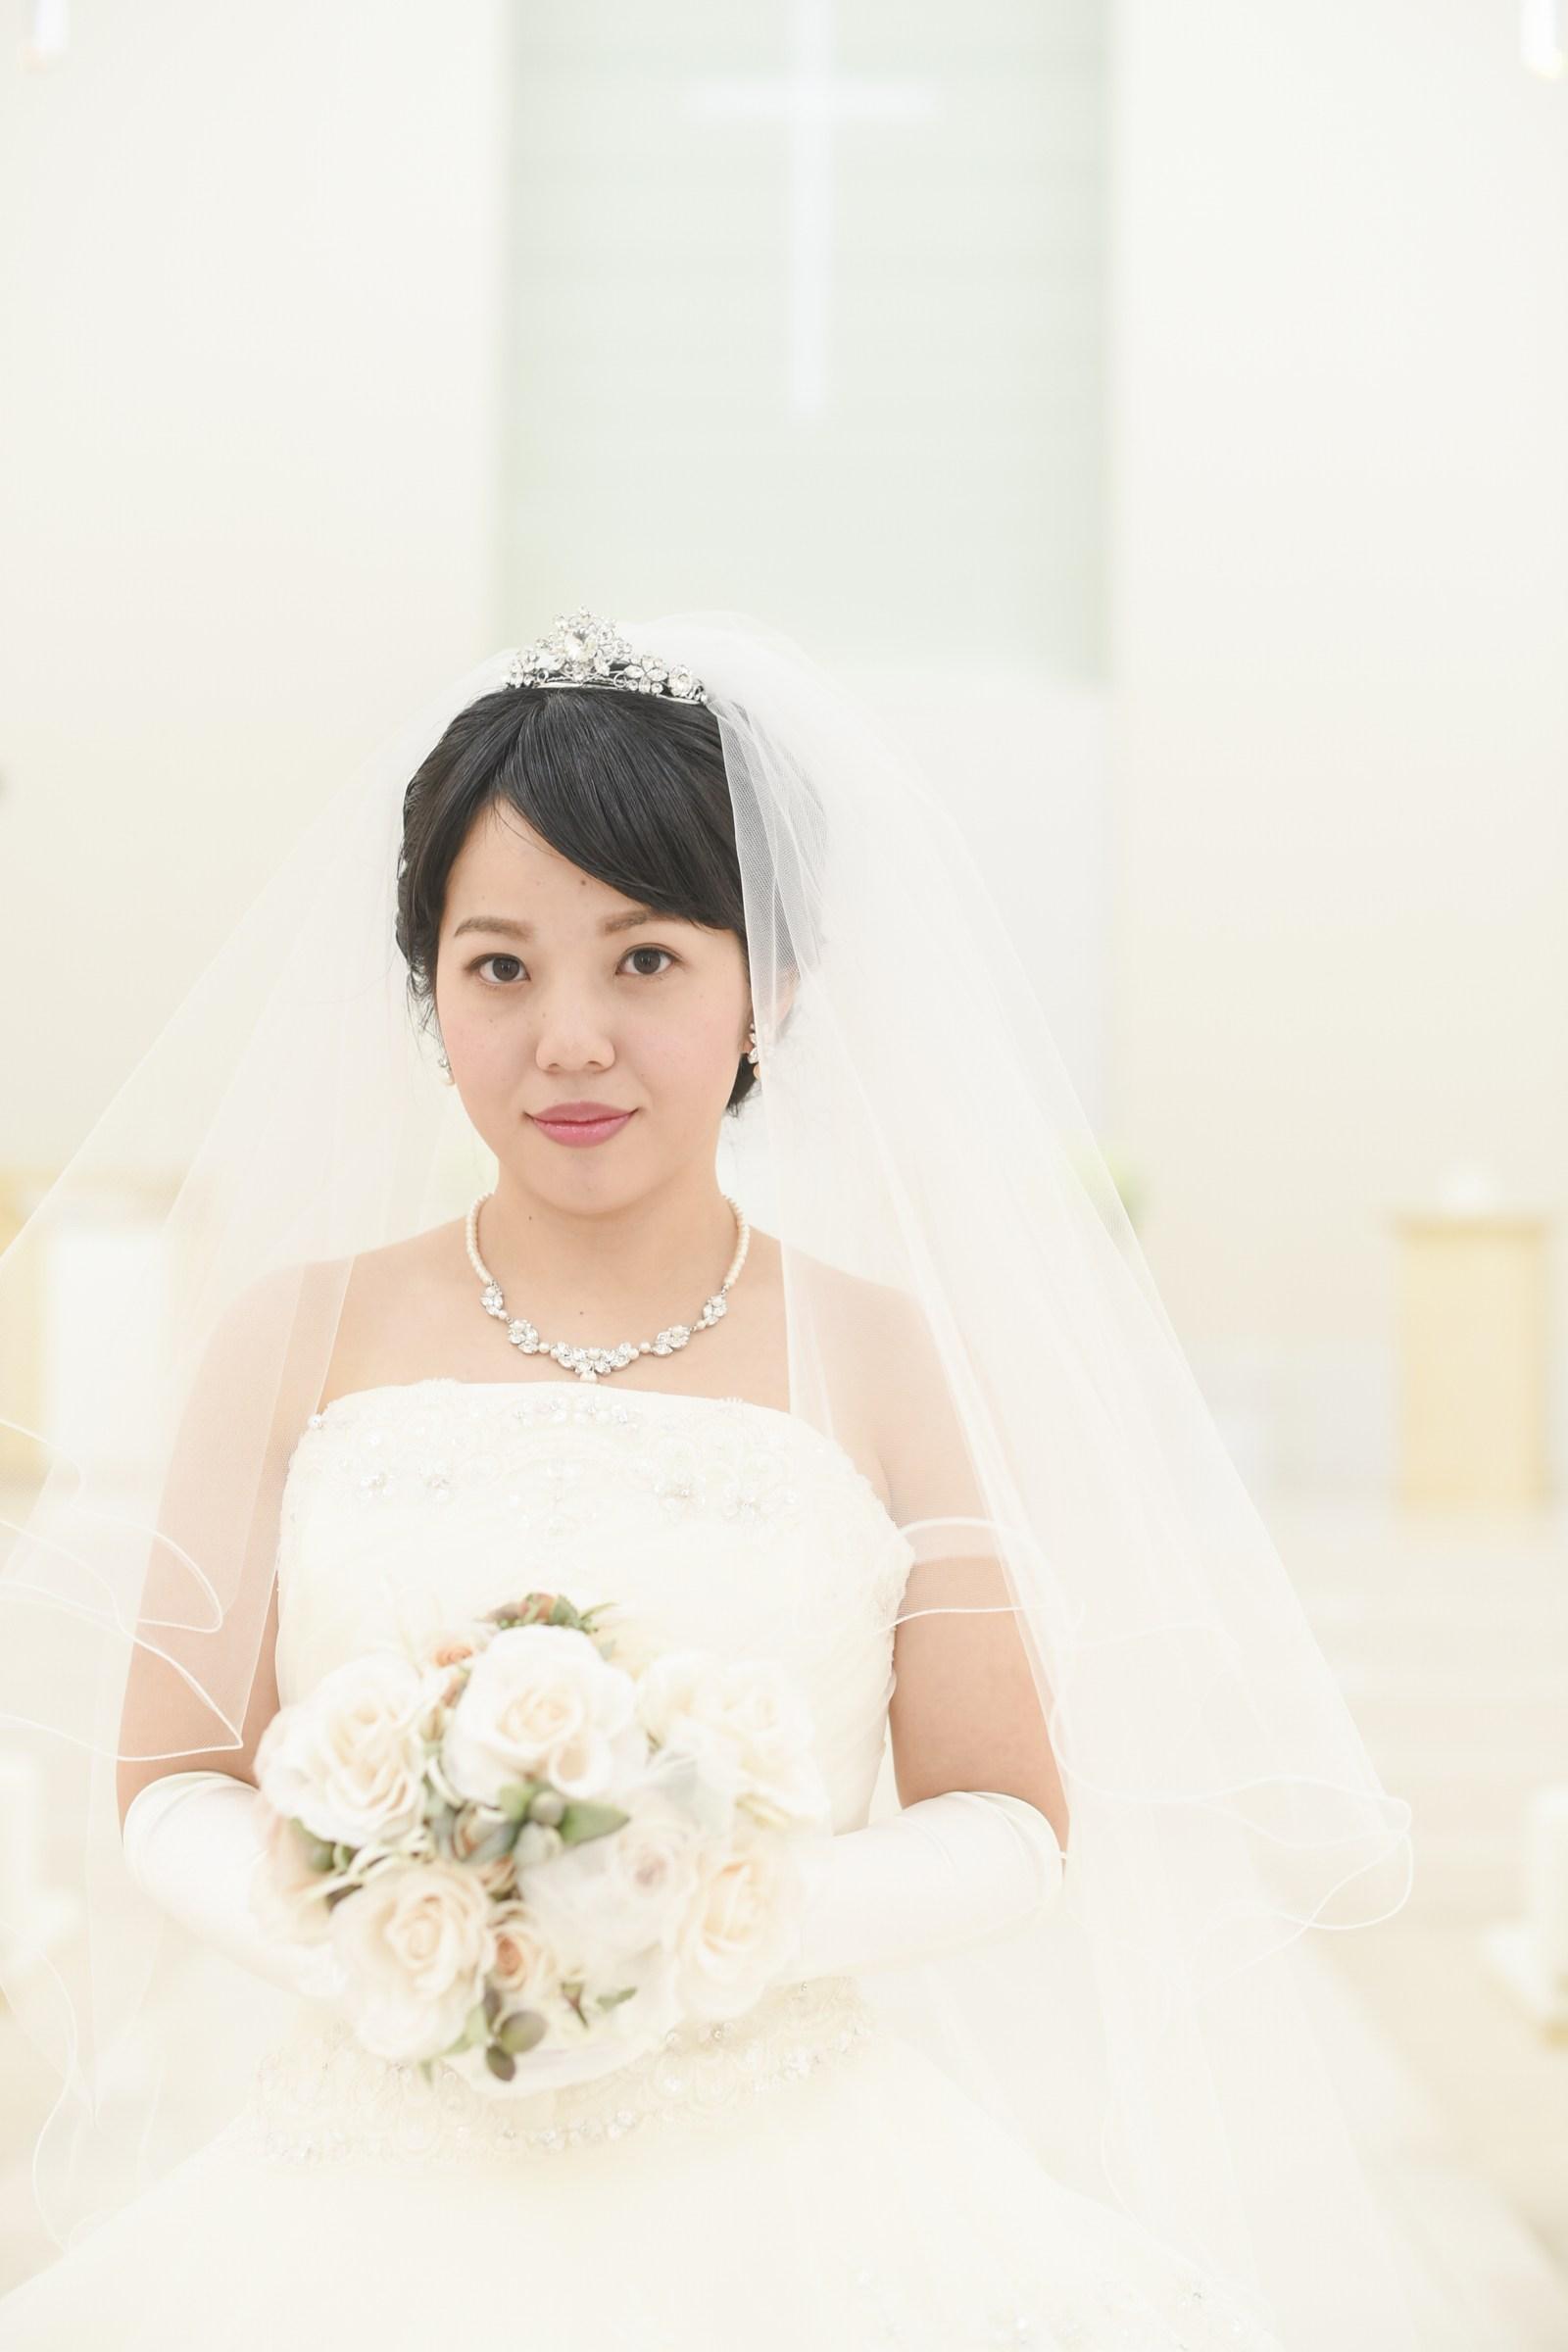 徳島市の結婚式場ブランアンジュでチャペルでのショット